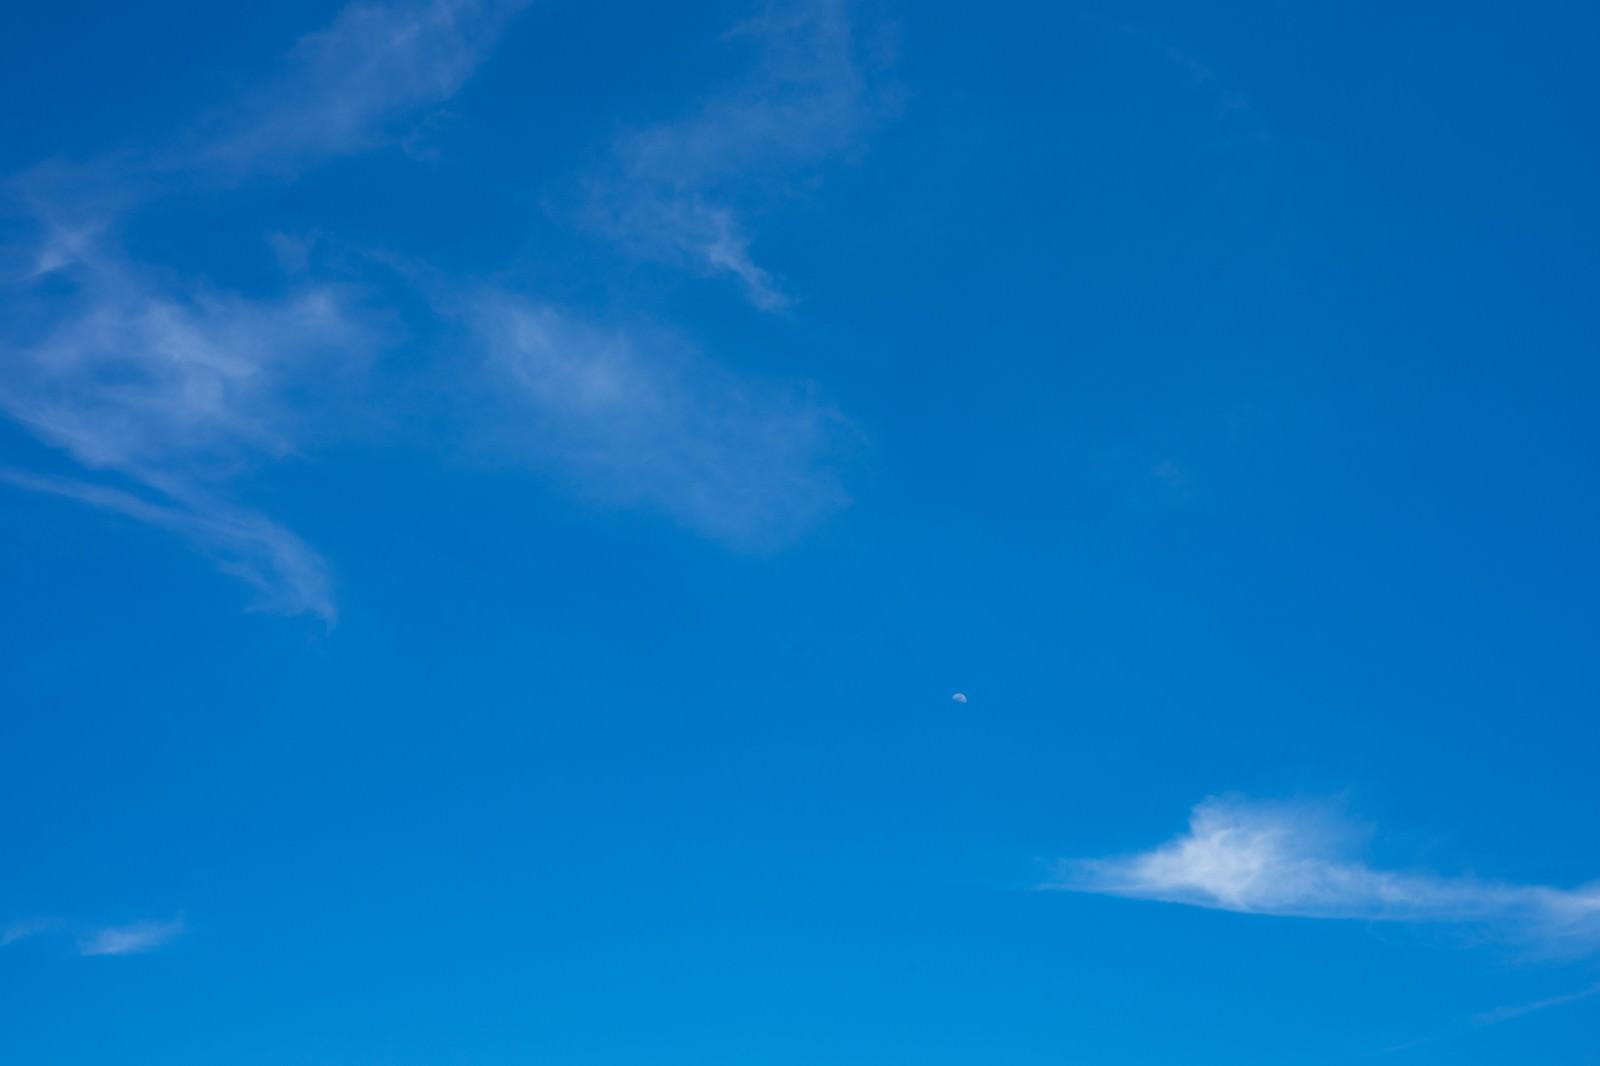 「晴れた日の空晴れた日の空」のフリー写真素材を拡大